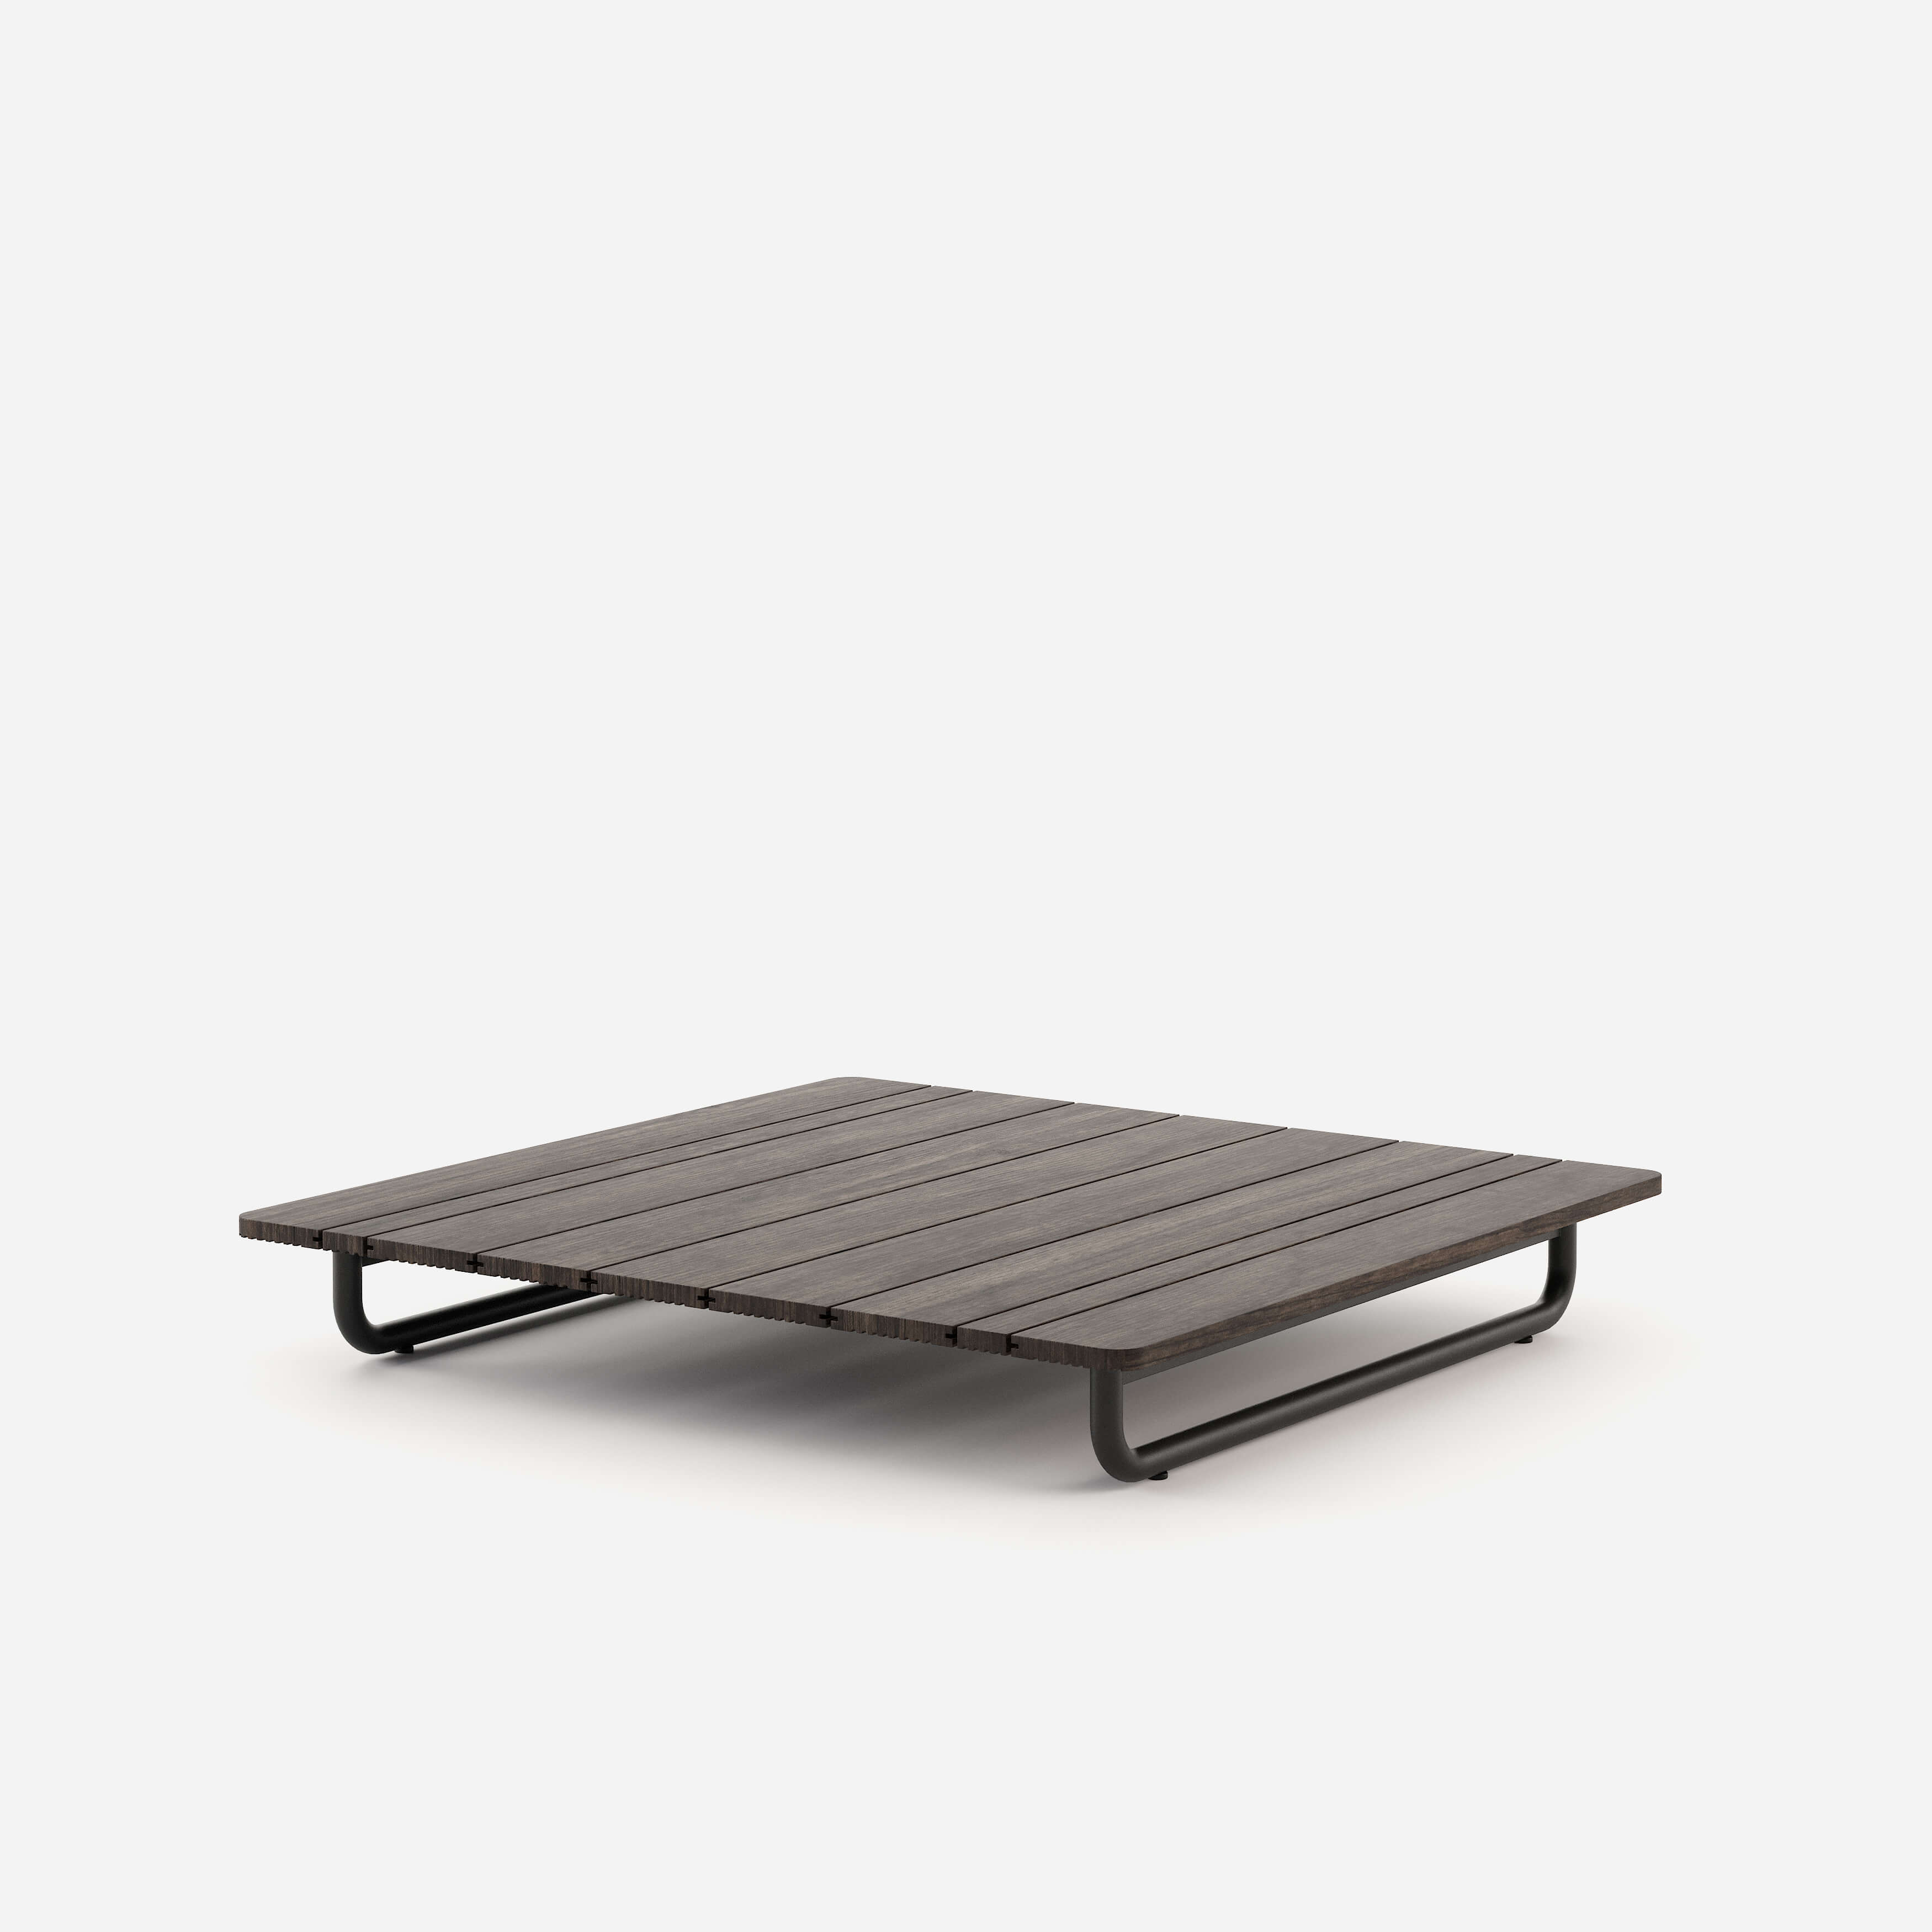 copacabana-coffe-table-exterior-collection-domkaoa-furniture-interior-design-home-decor-metal-woord-1